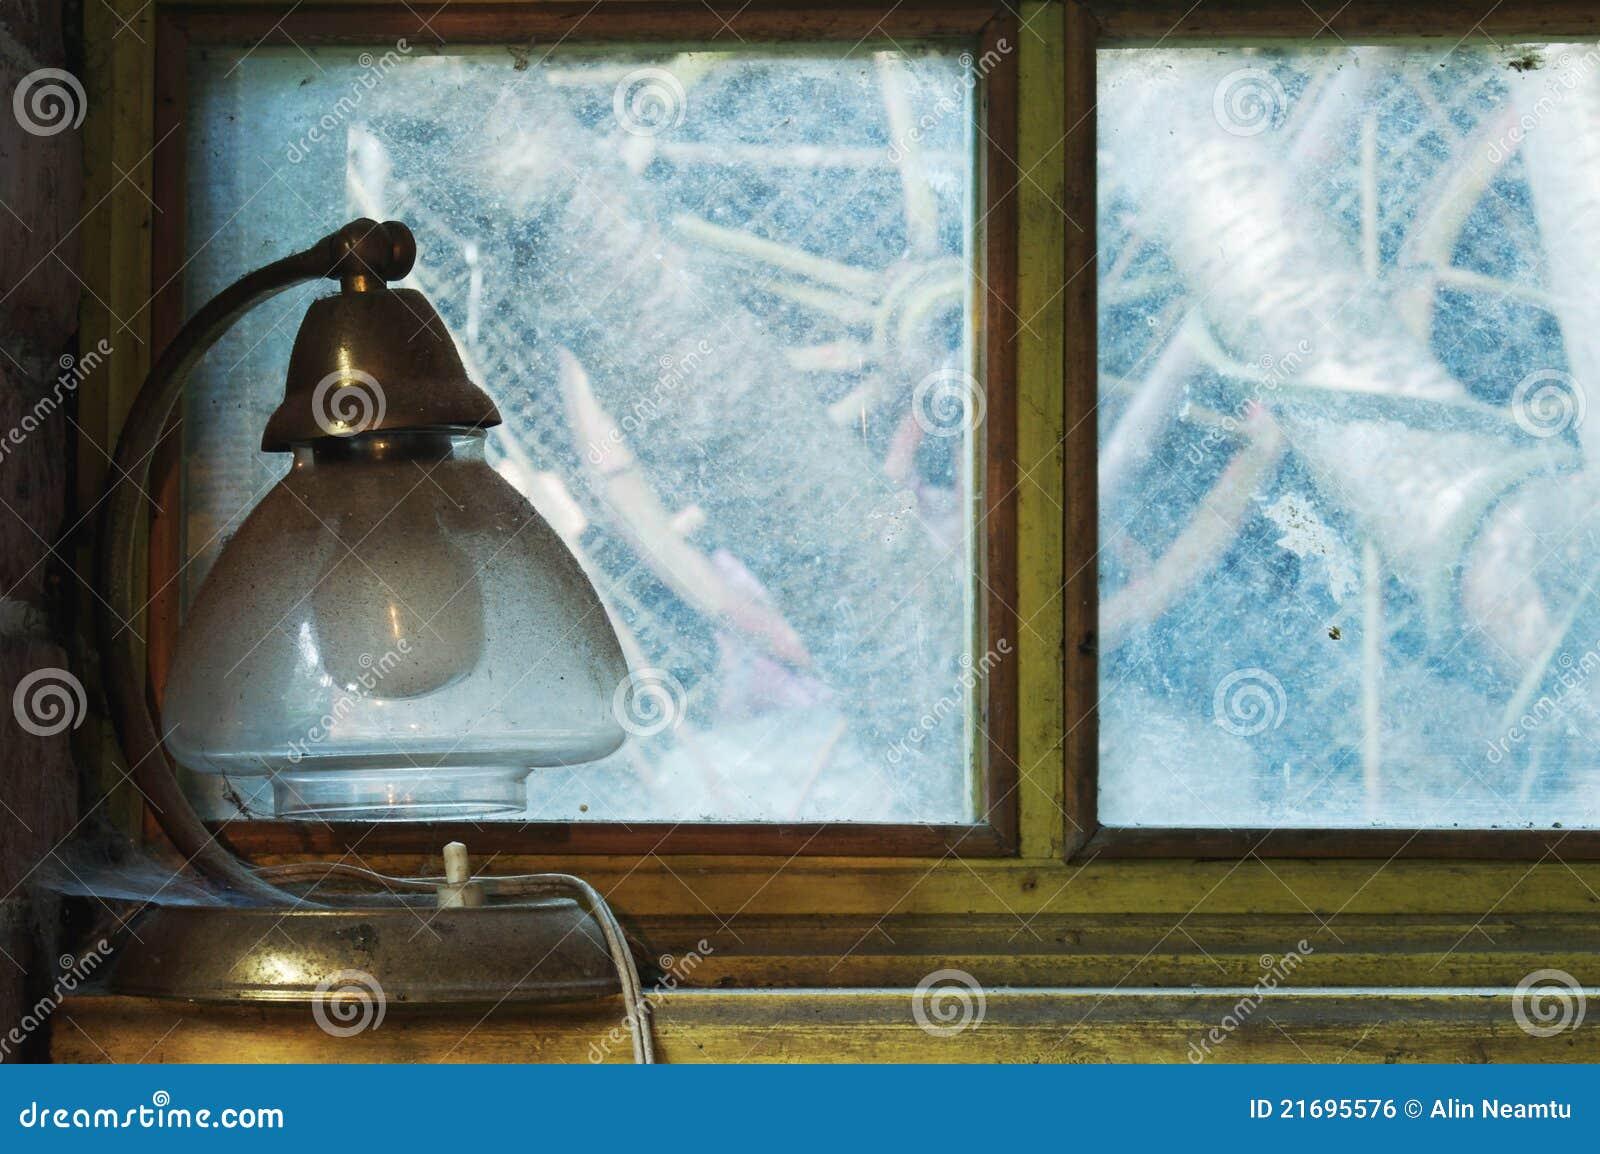 https://thumbs.dreamstime.com/z/oude-lamp-op-vensterbank-21695576.jpg